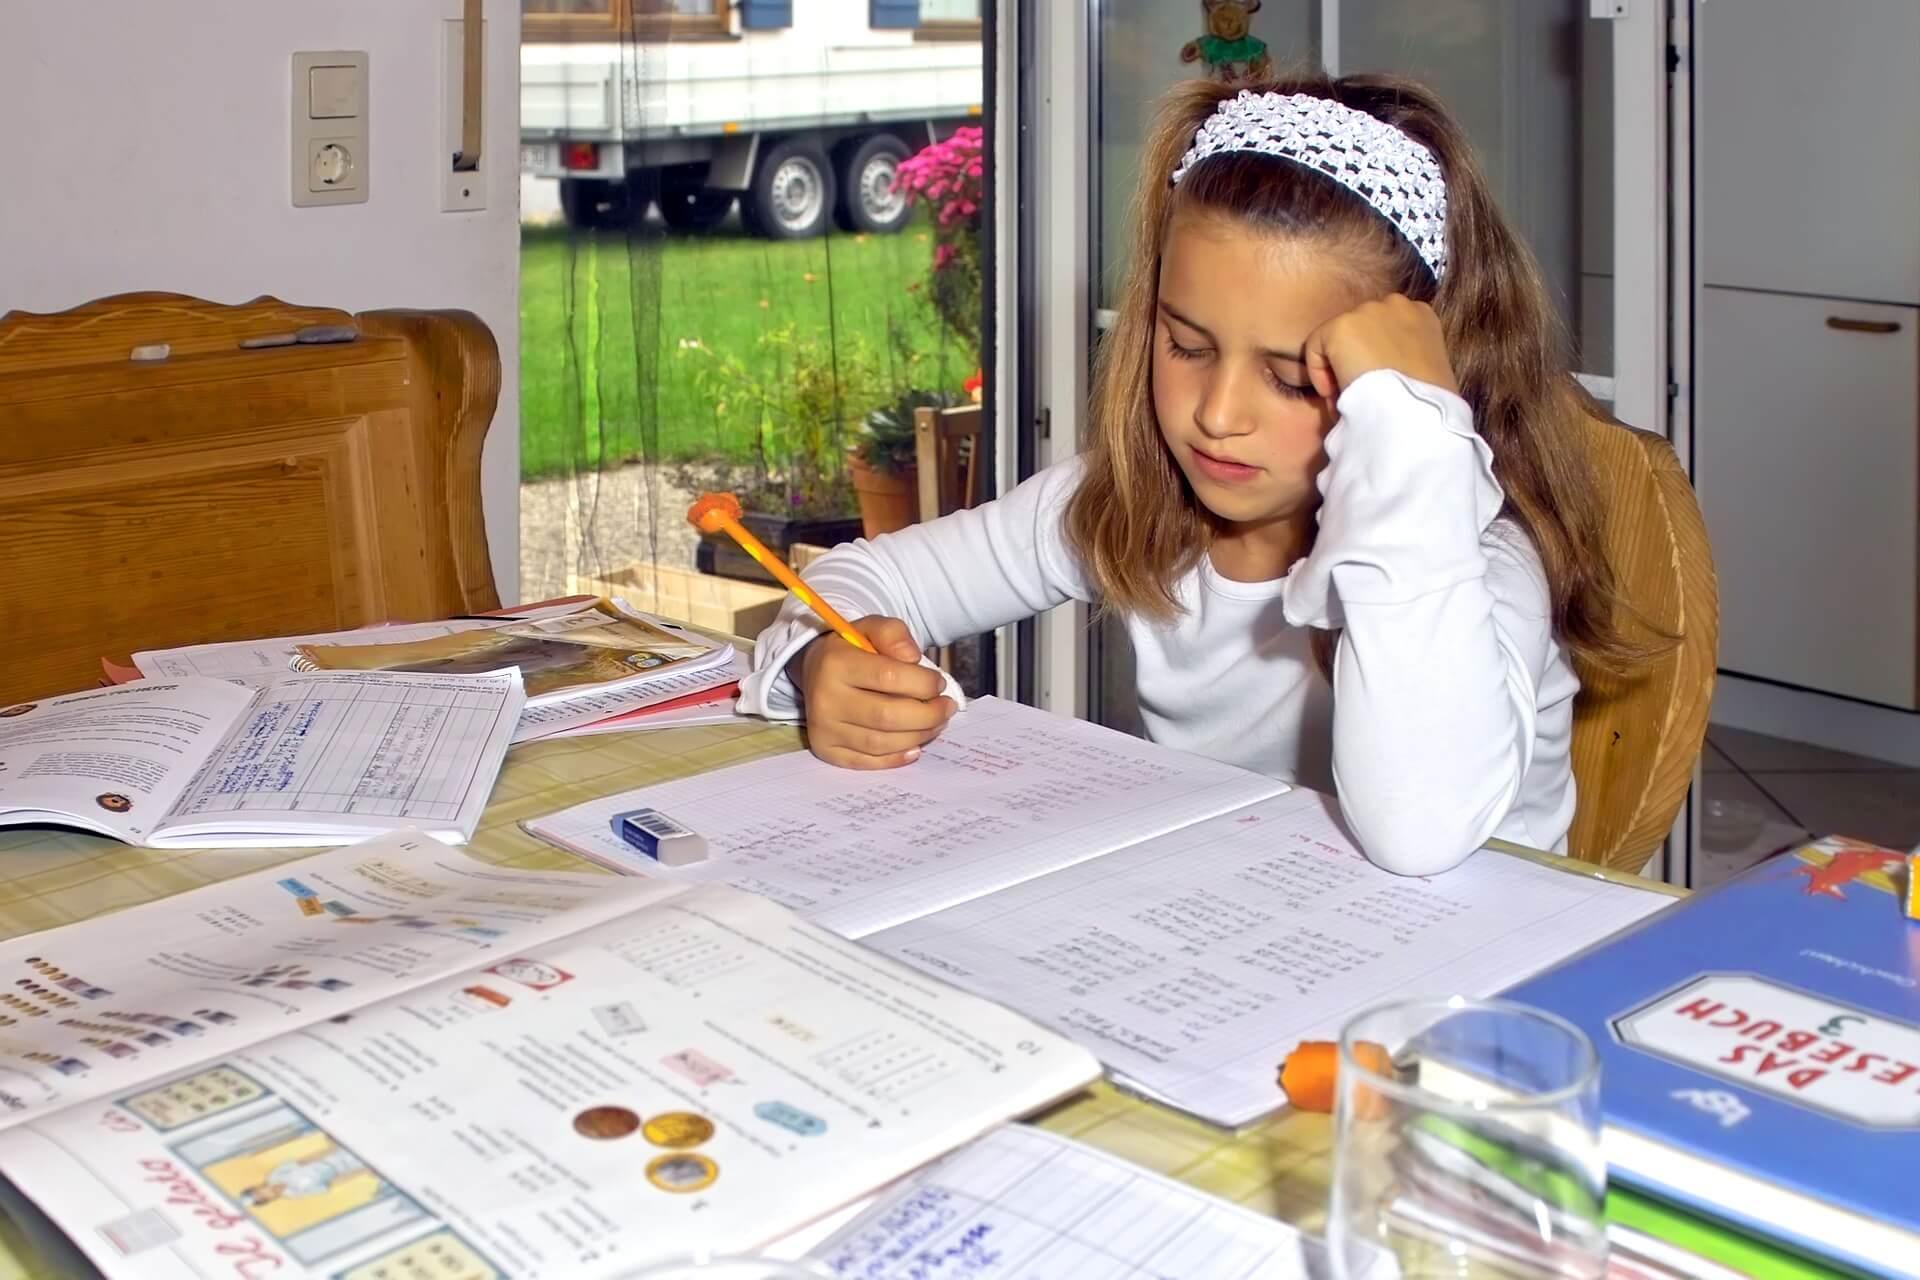 宿題をしている女の子の画像